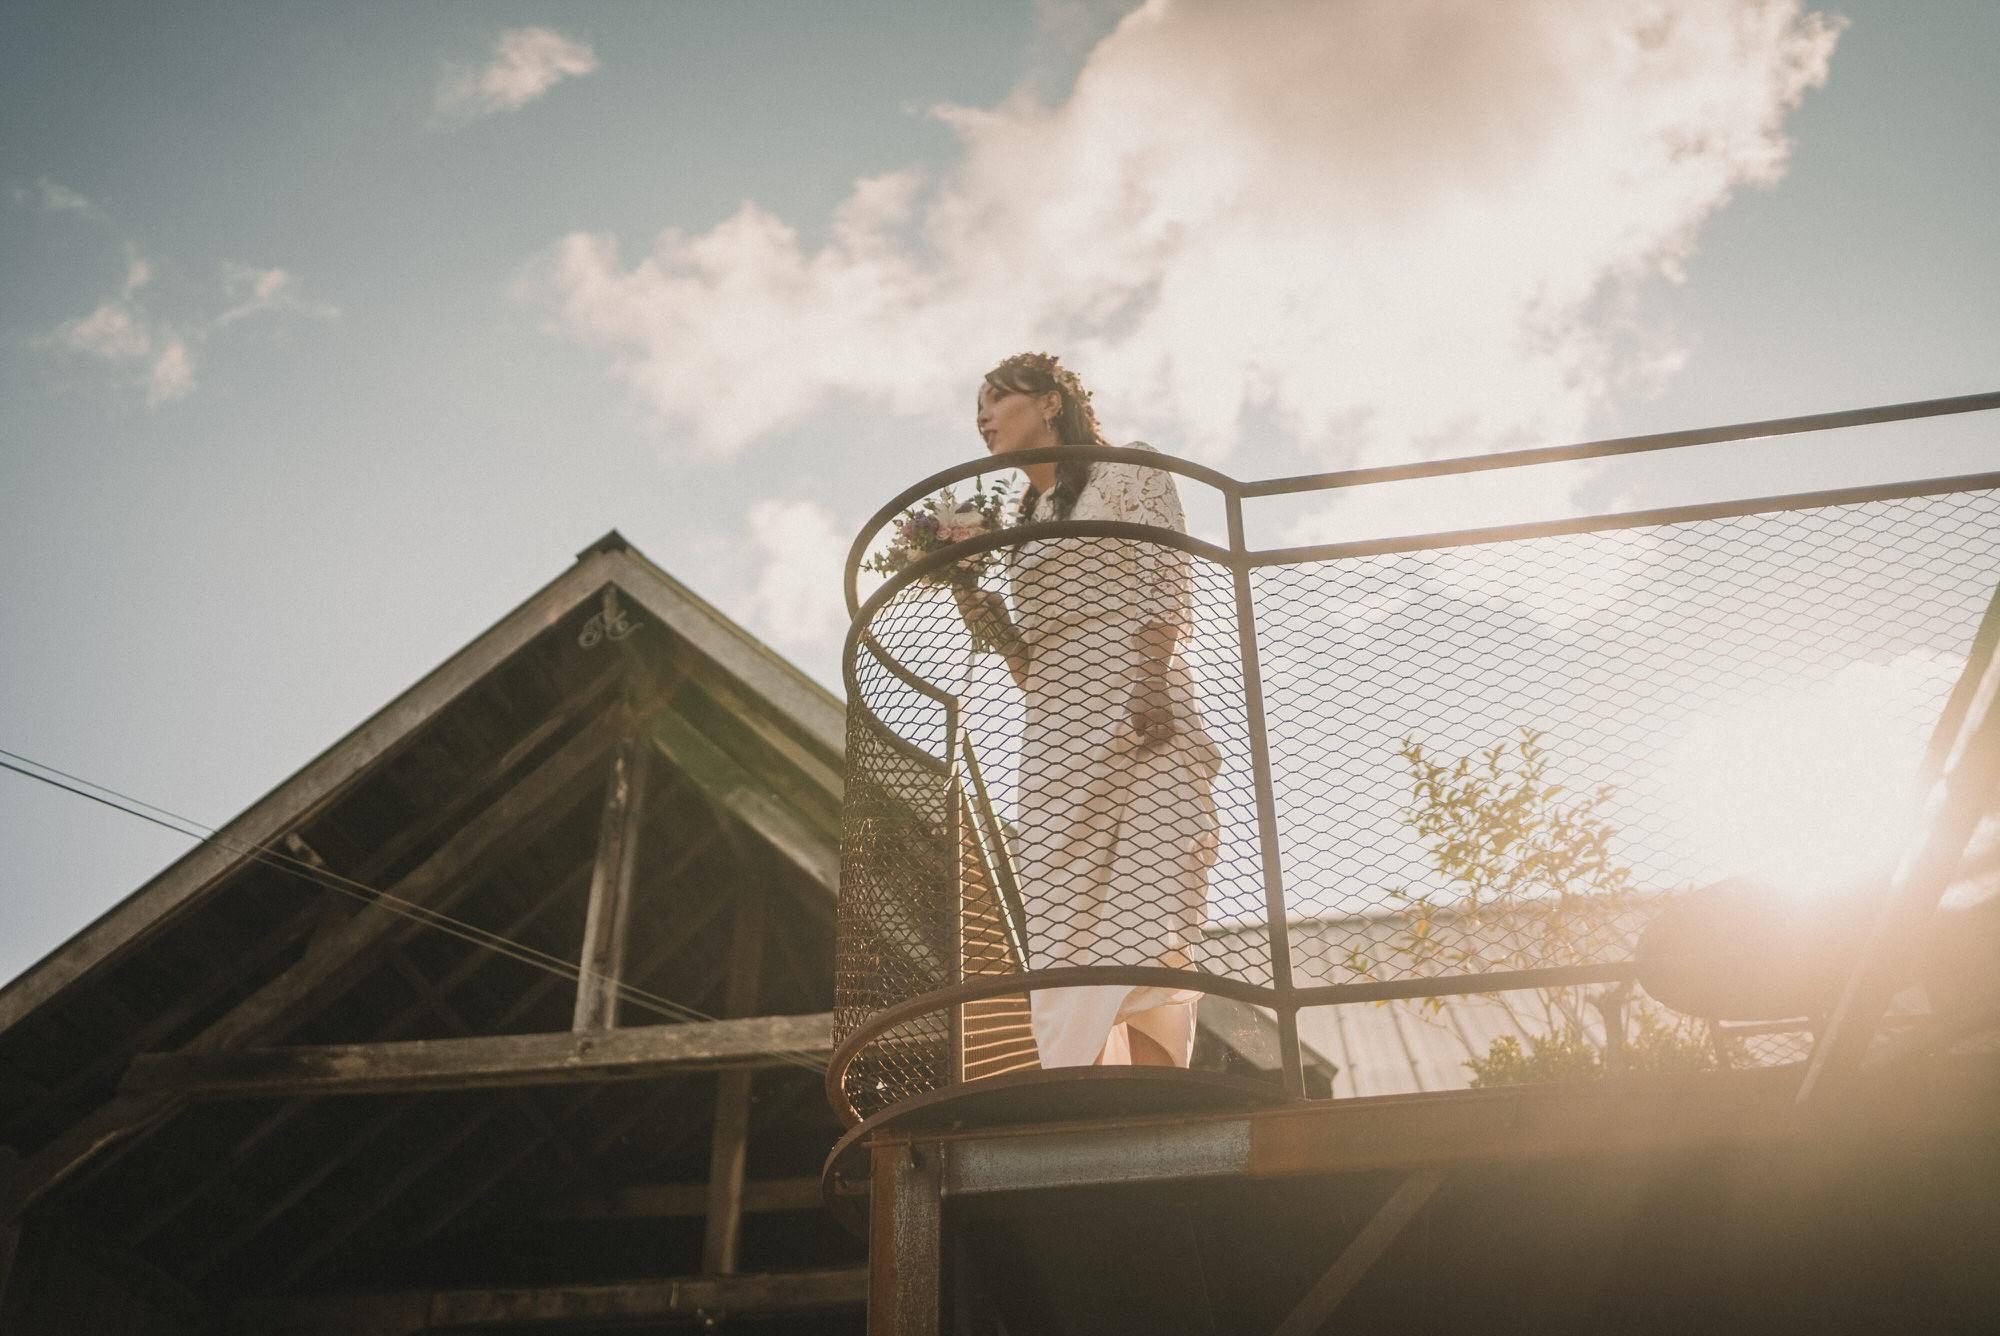 2021.07.10 Photo De Mariage D Alicia Francois A La Ferme Roudouic A Concarneau En Bretagne Par Antoine Borzeix 858, Photographe & Videaste à Brest / Finistère